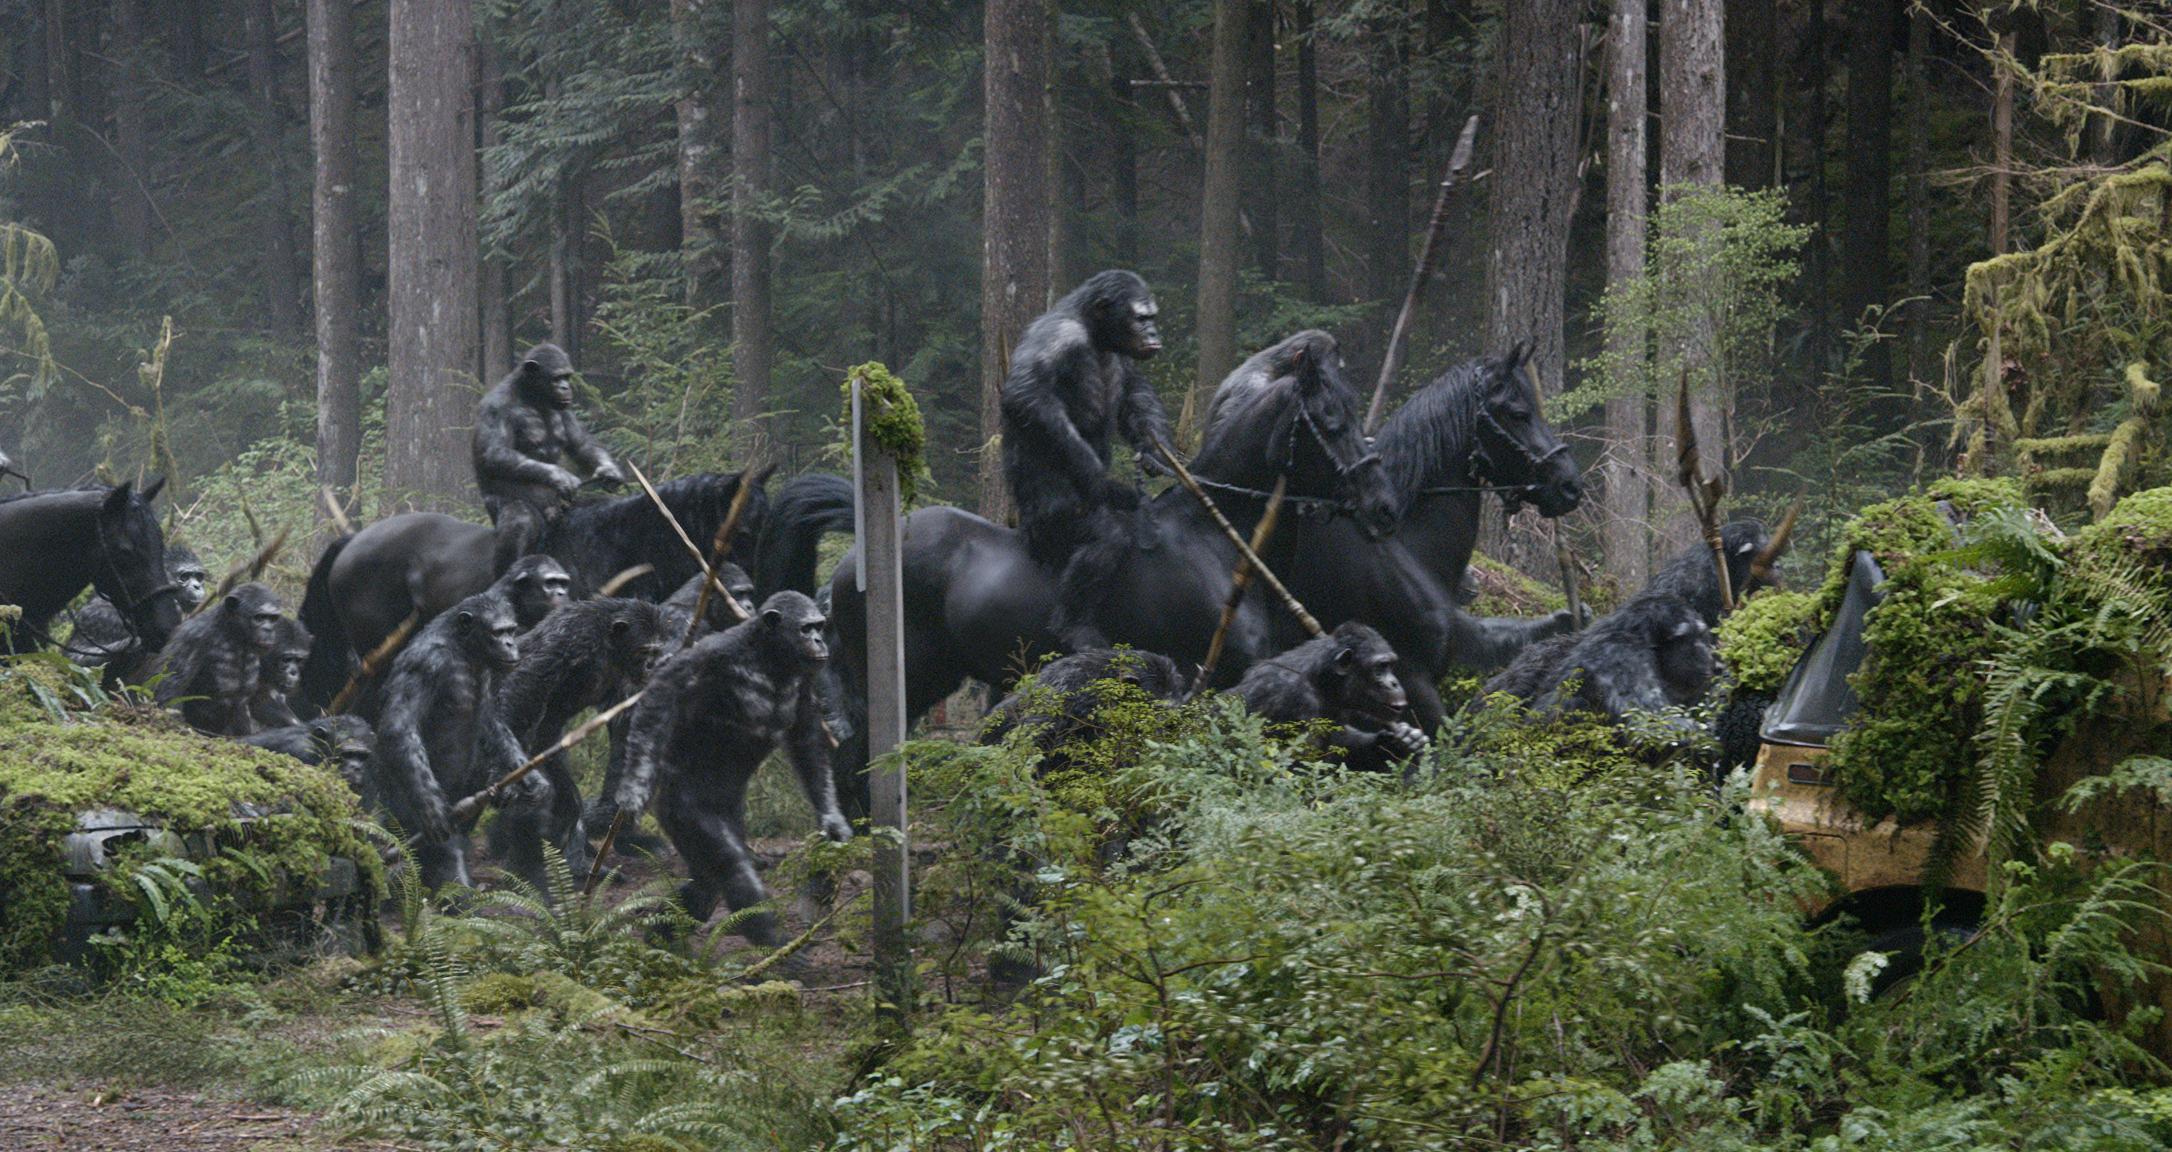 Apes Revolution - Il pianeta delle scimmie: una scena d'azione del film